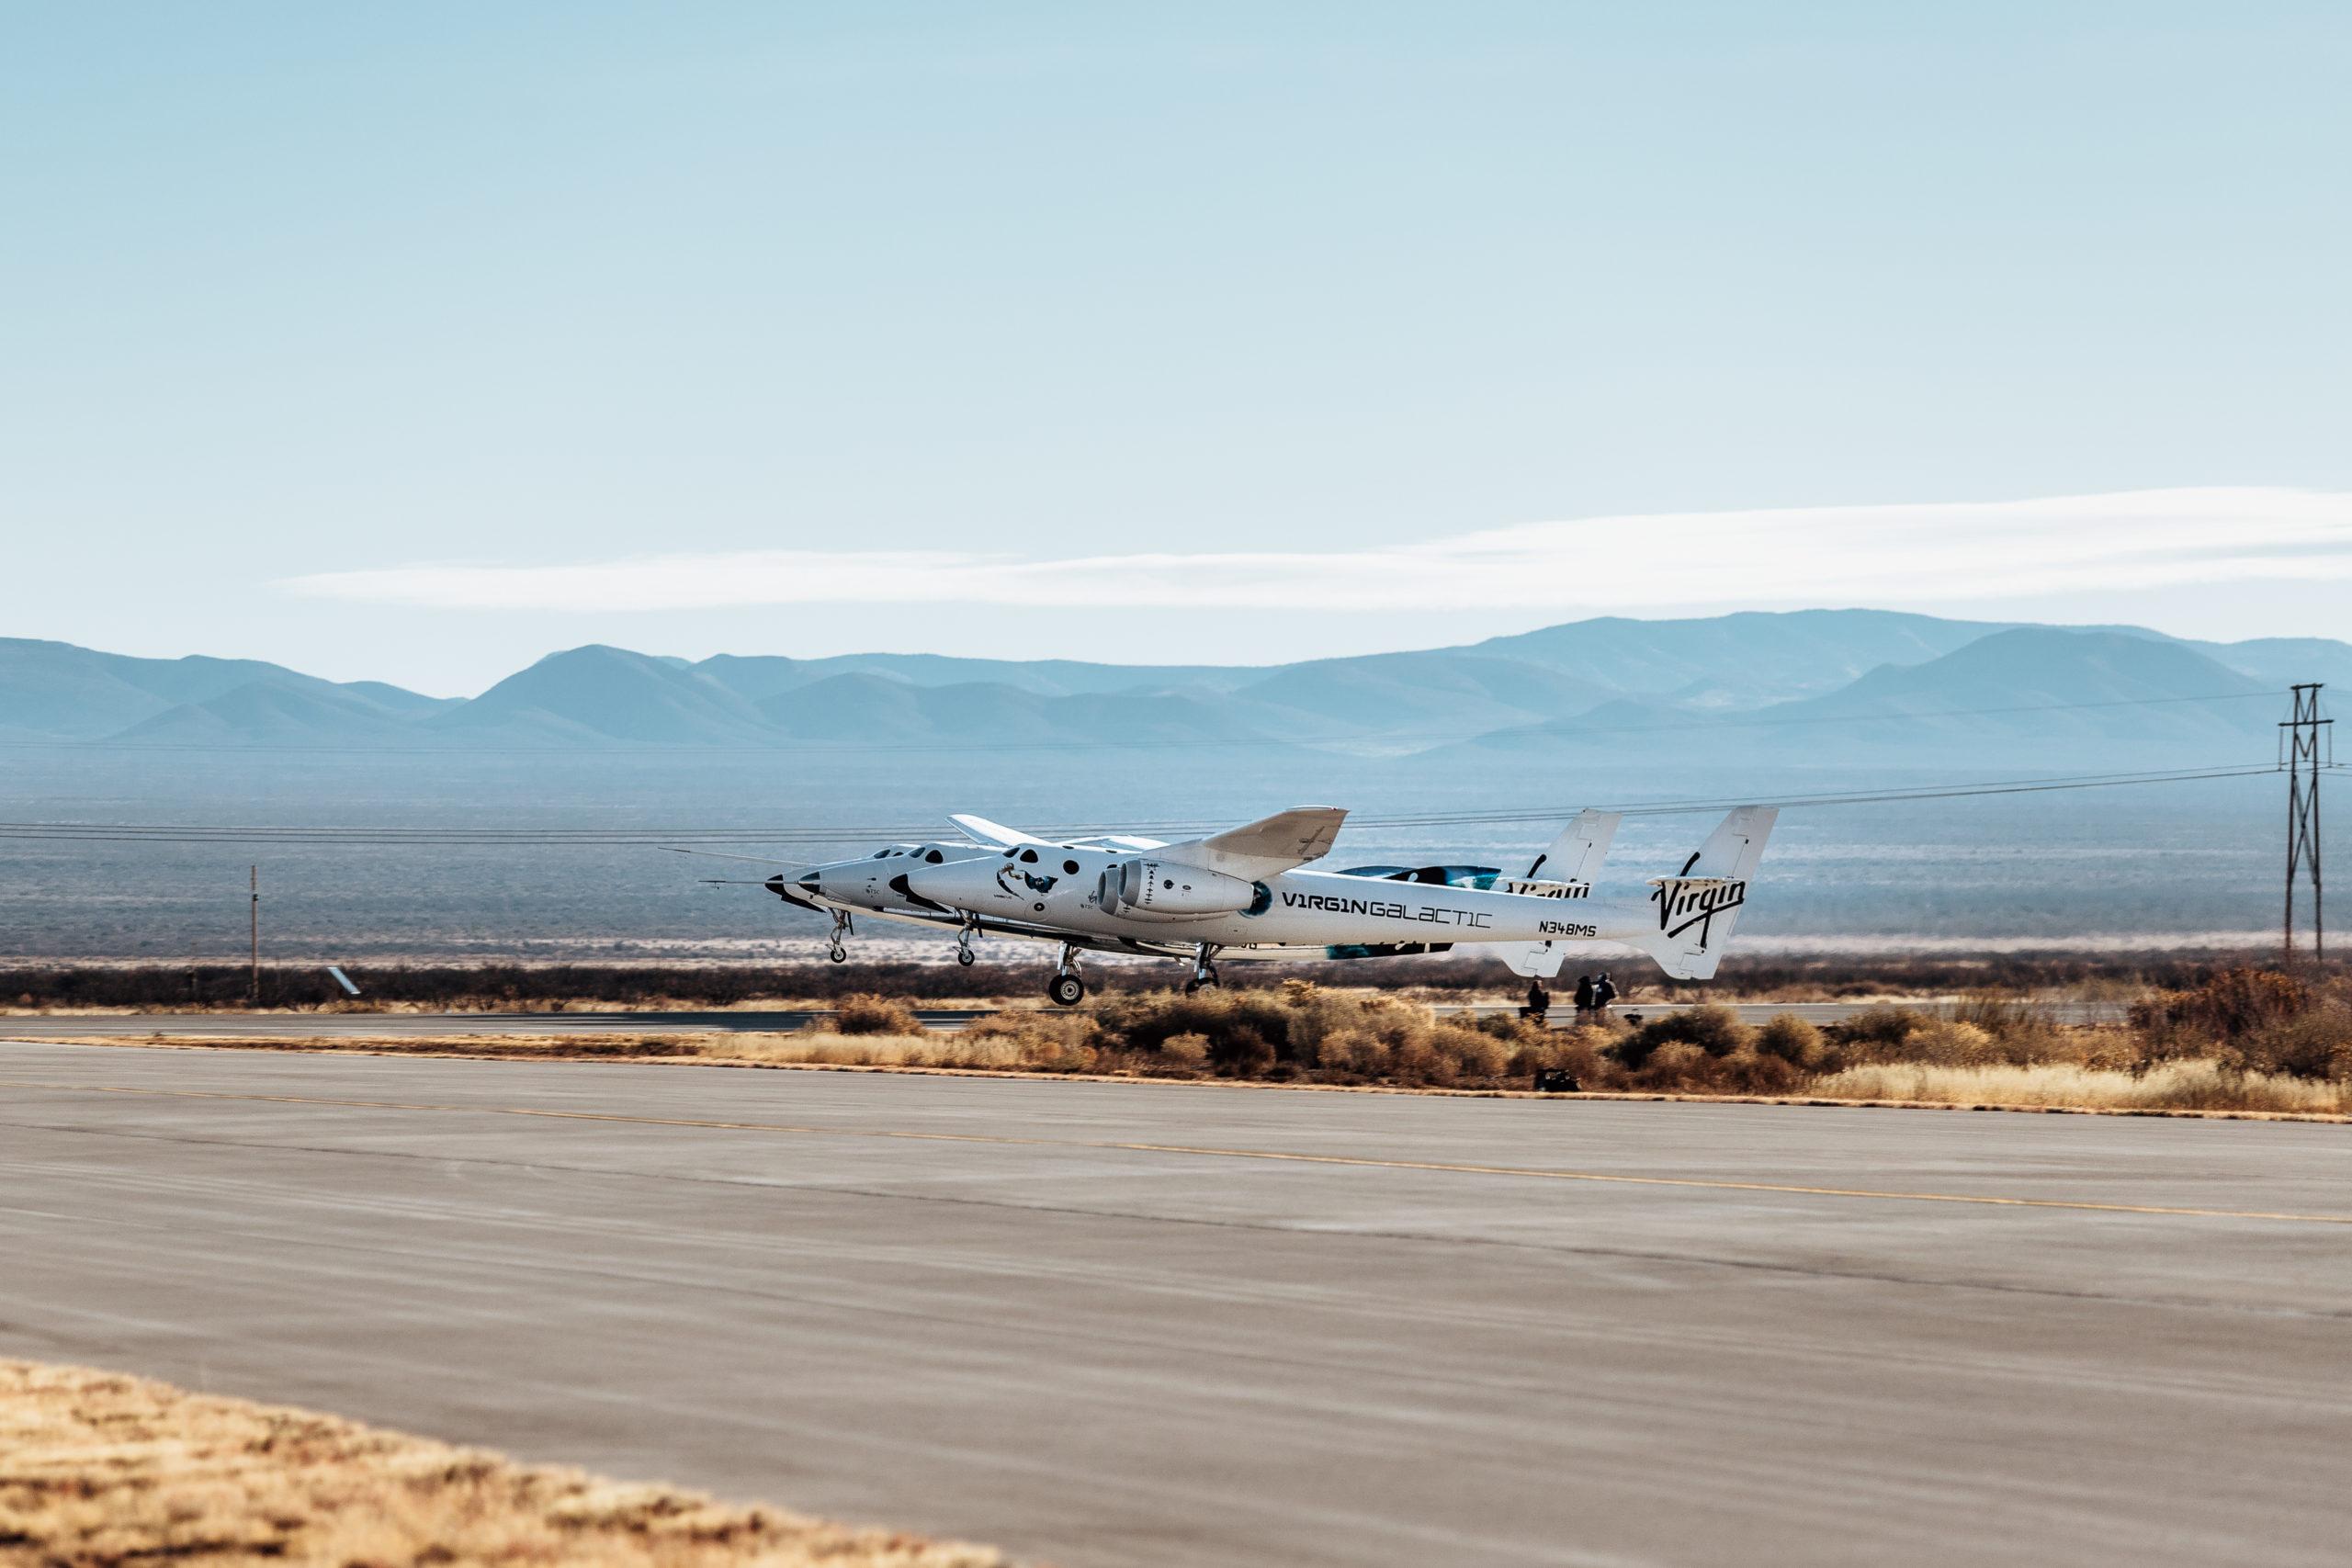 Obrázek: Další komplikace pro Virgin Galactic, test SpaceShipTwo selhal kvůli poruše motoru